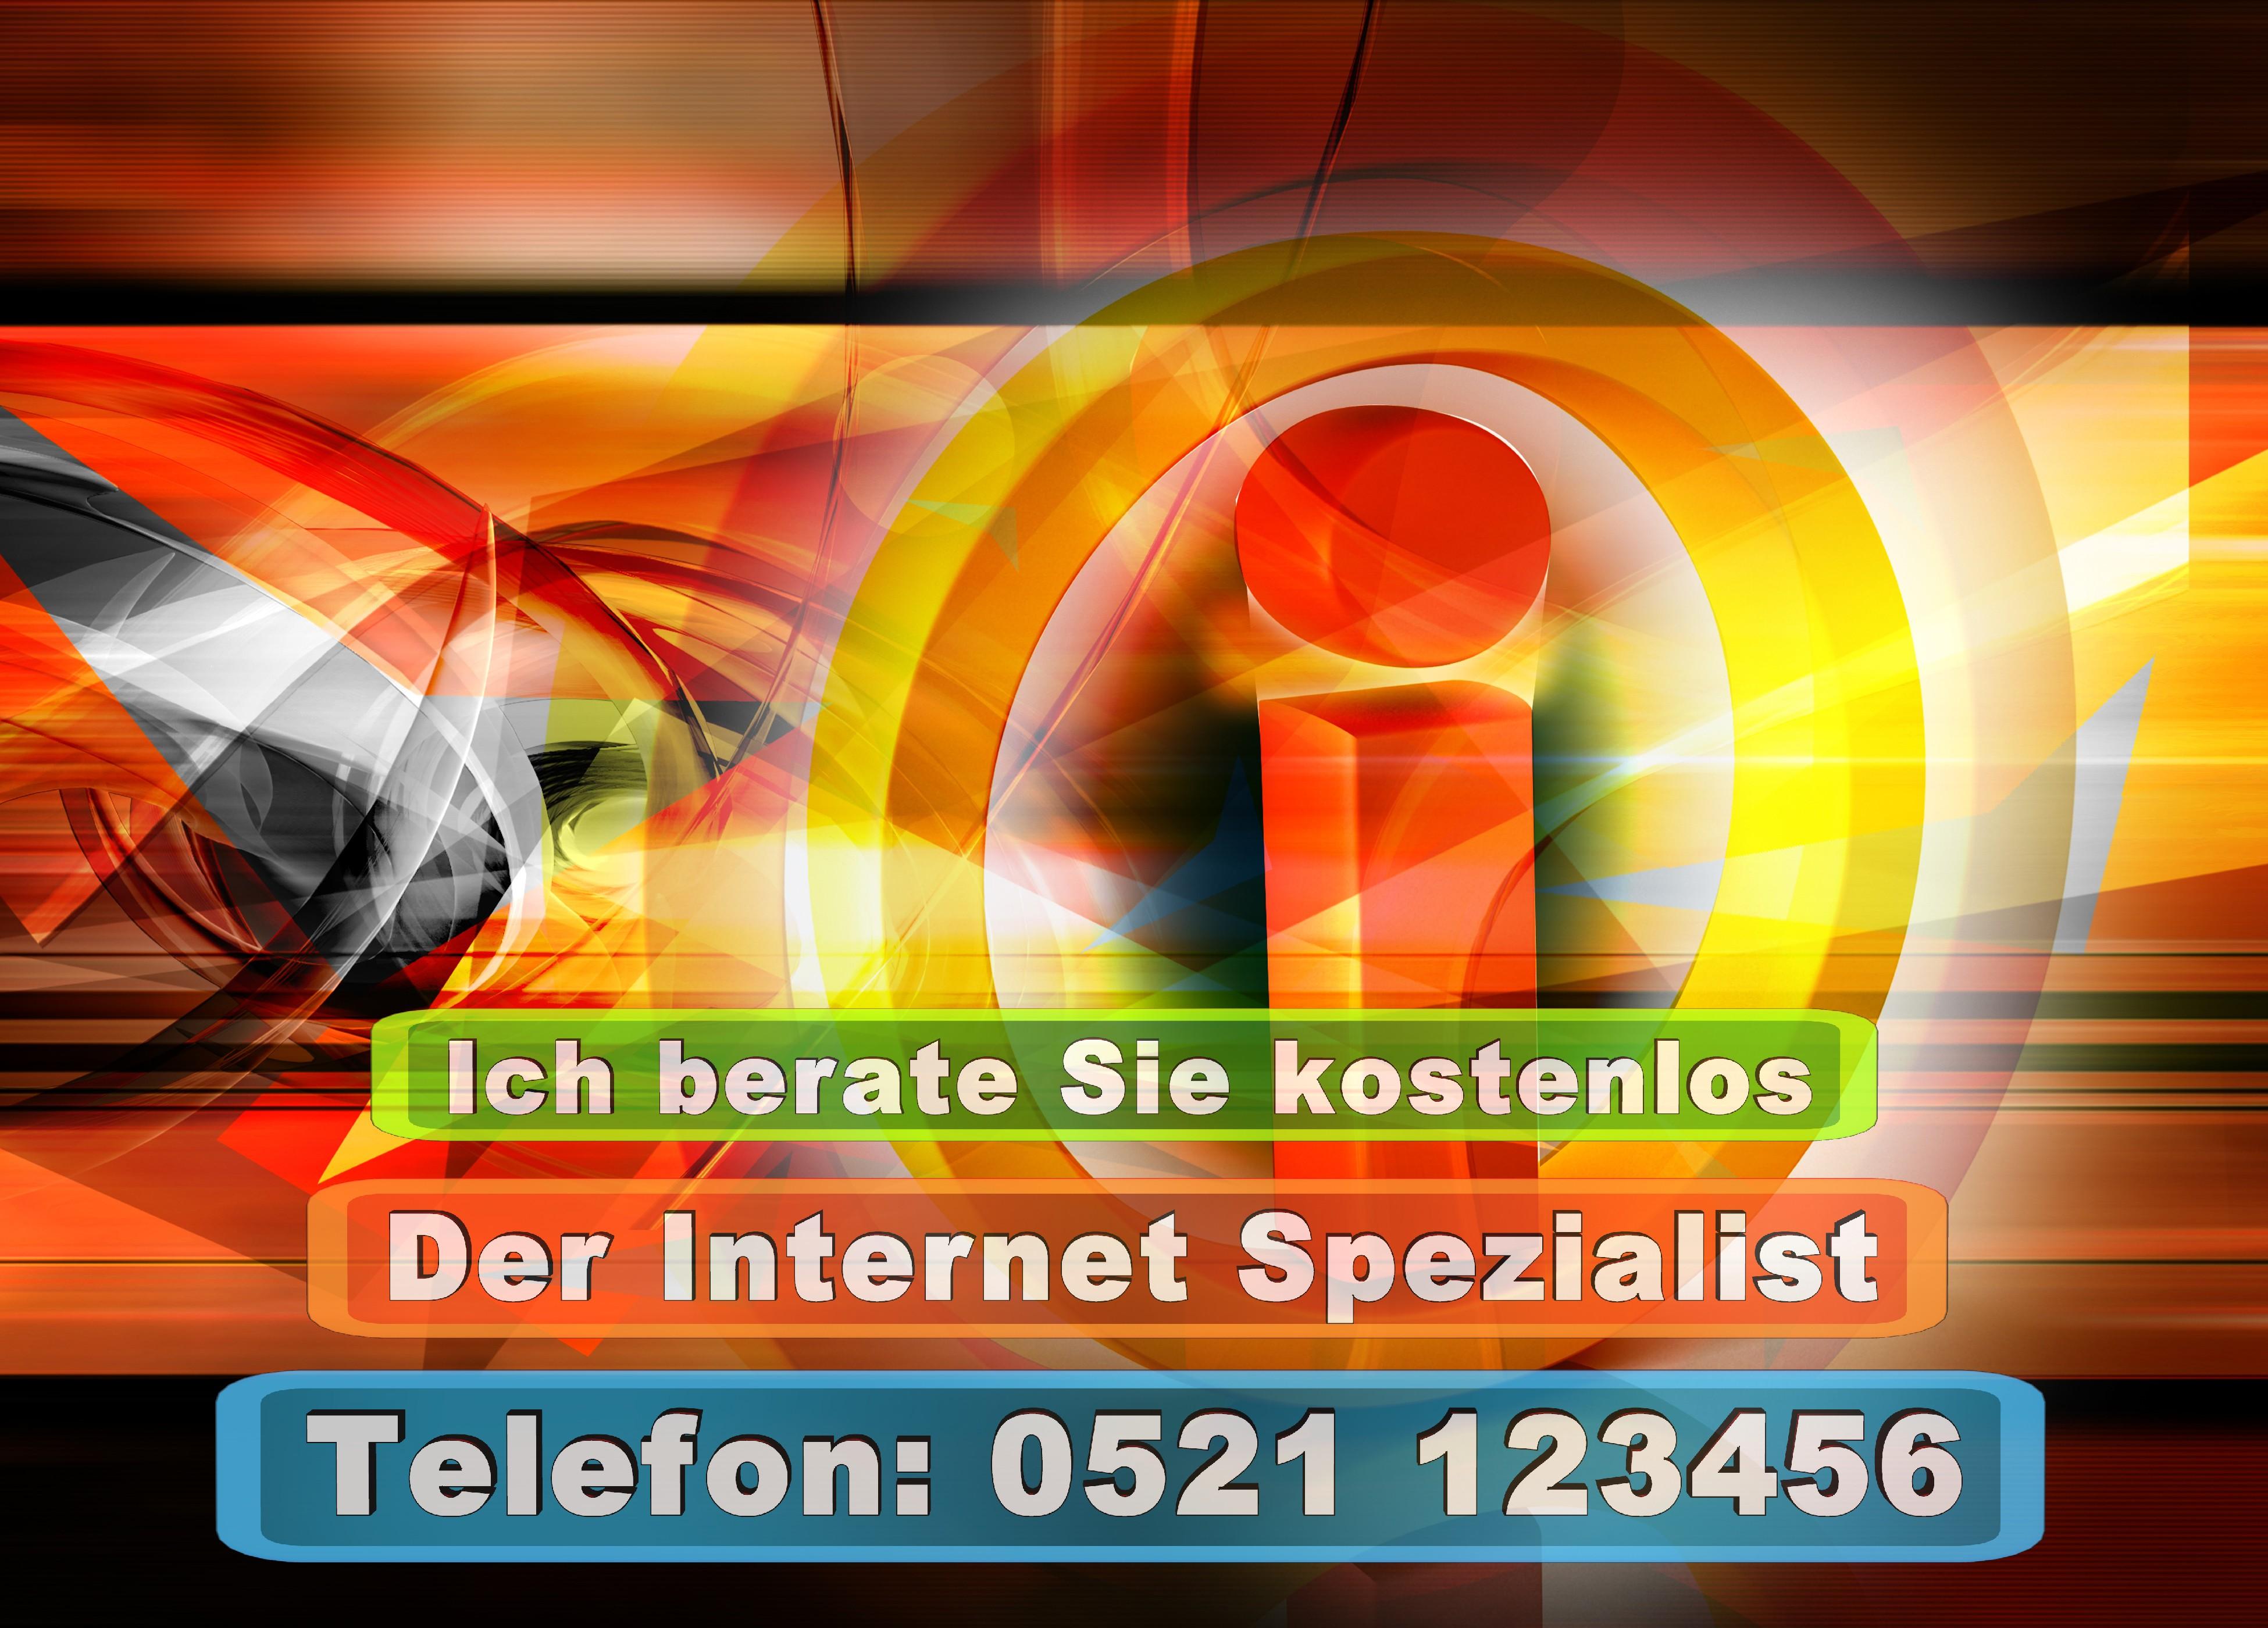 Werbeagentur Bielefeld Druckerei Bielefeld Prospekte Zeitung Visitenkarten Poster Werbung Print Presse Druck Fotografie Fotos Internet (43)